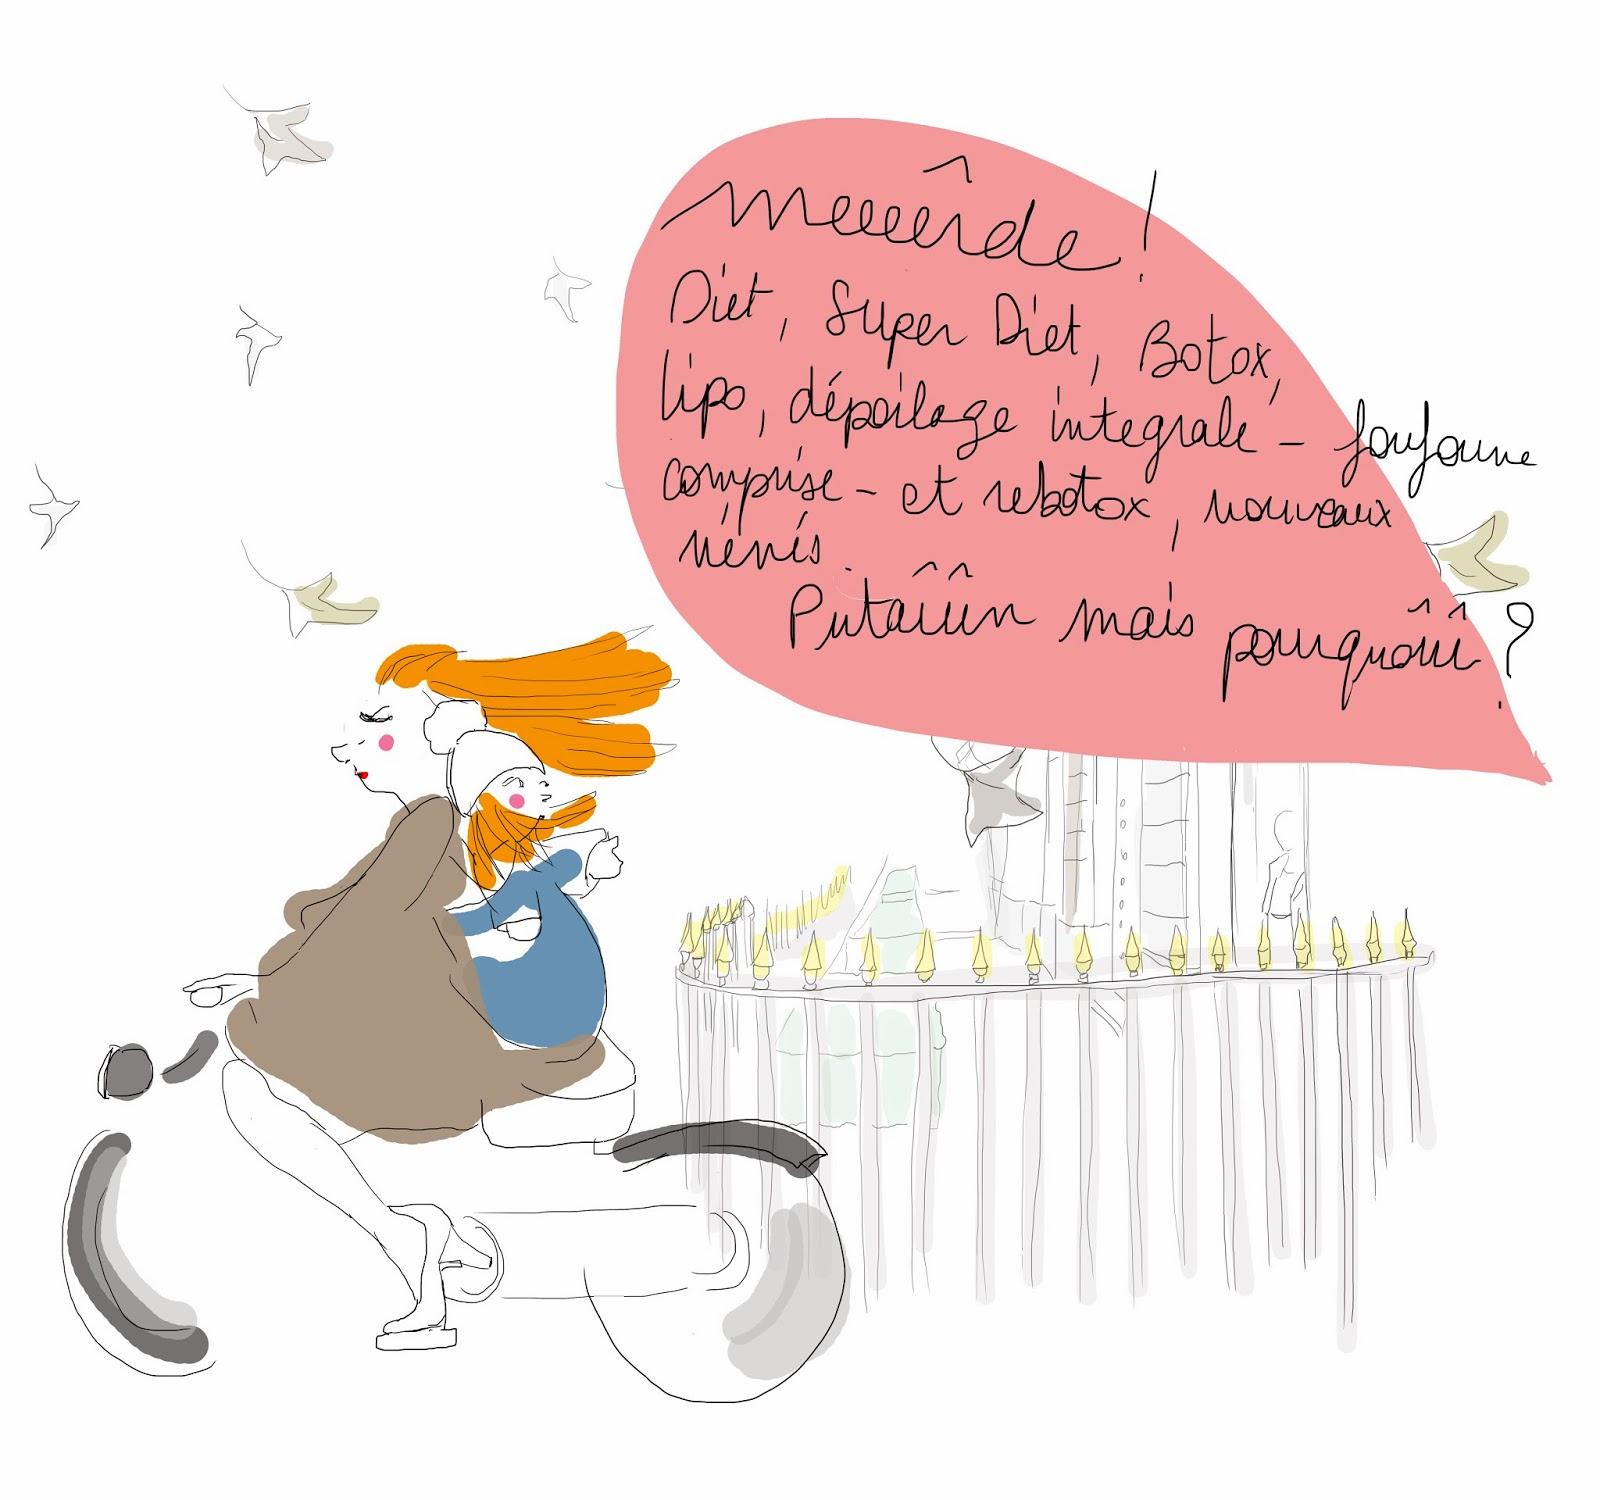 femme vélo, vélib, avenue montaigne, la vie selon l